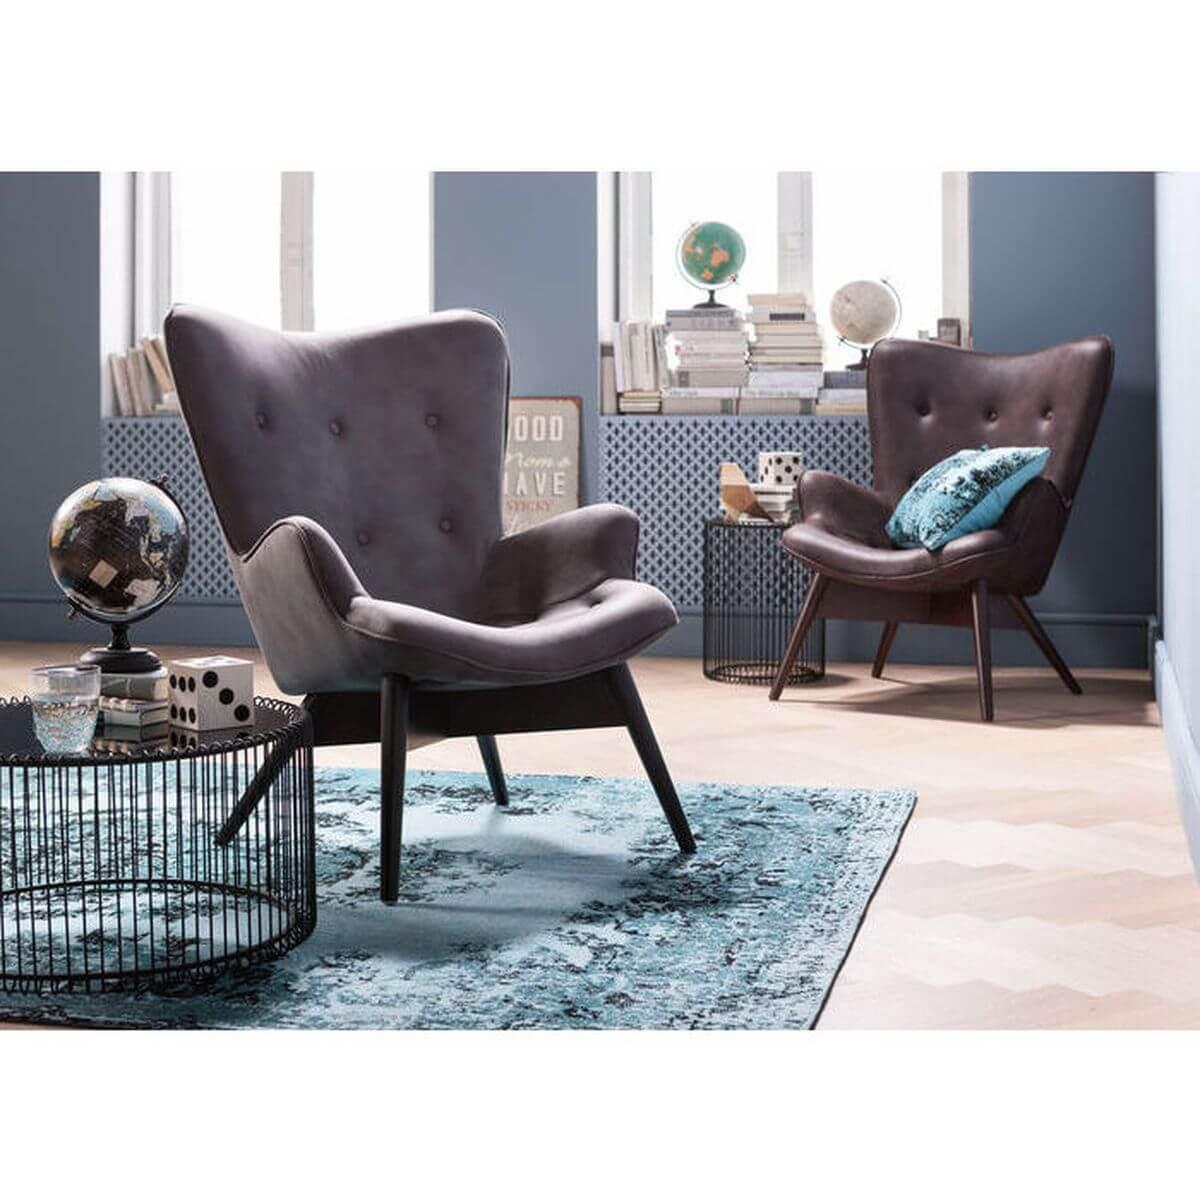 Fauteuil ANGELS WINGS ECO Kare Design brun foncé